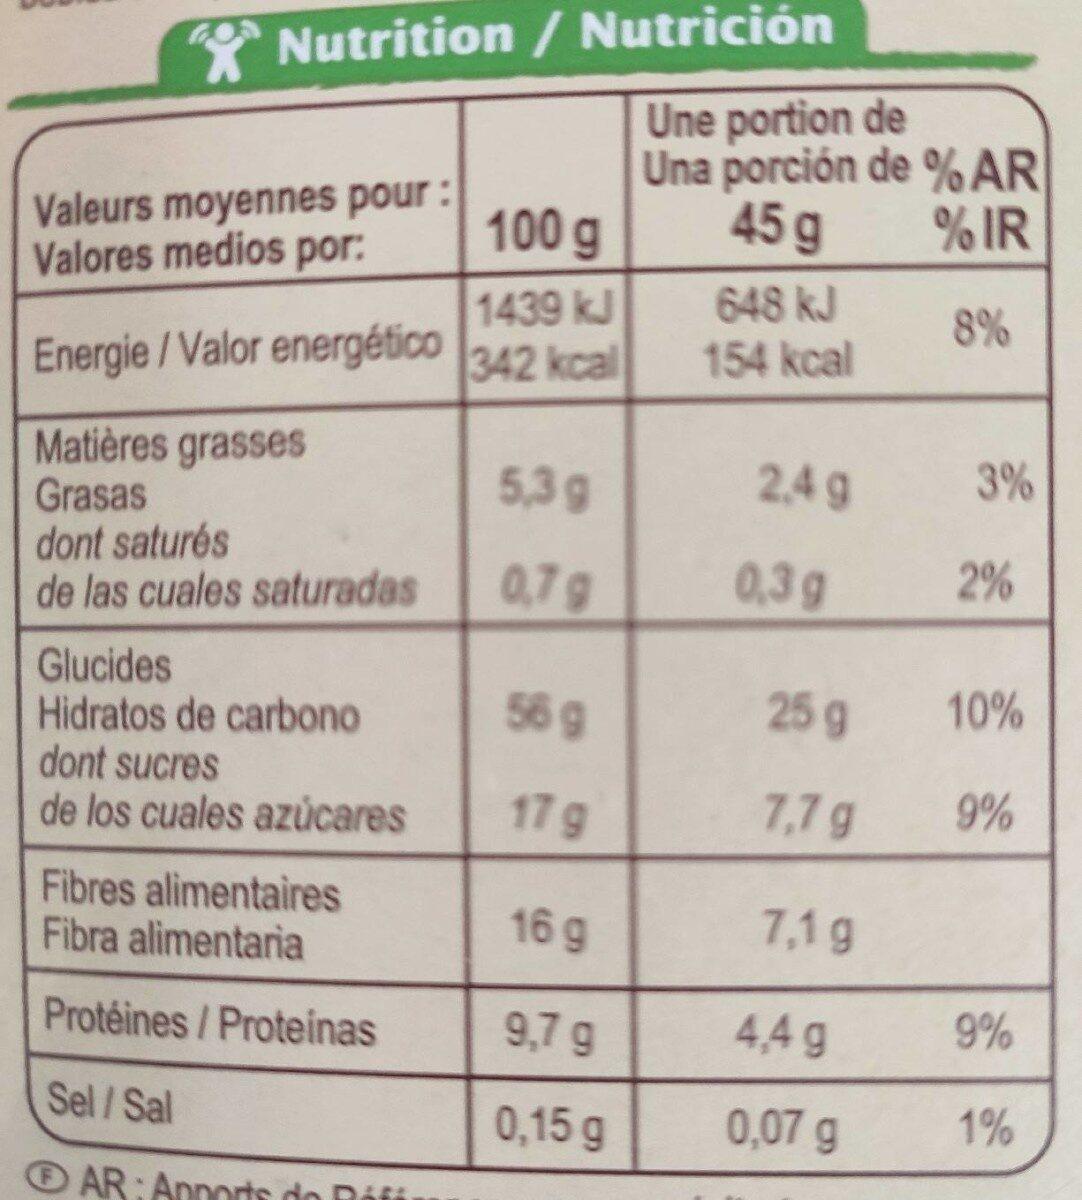 Muesli floconneux 30% fruits secs - Nutrition facts - fr